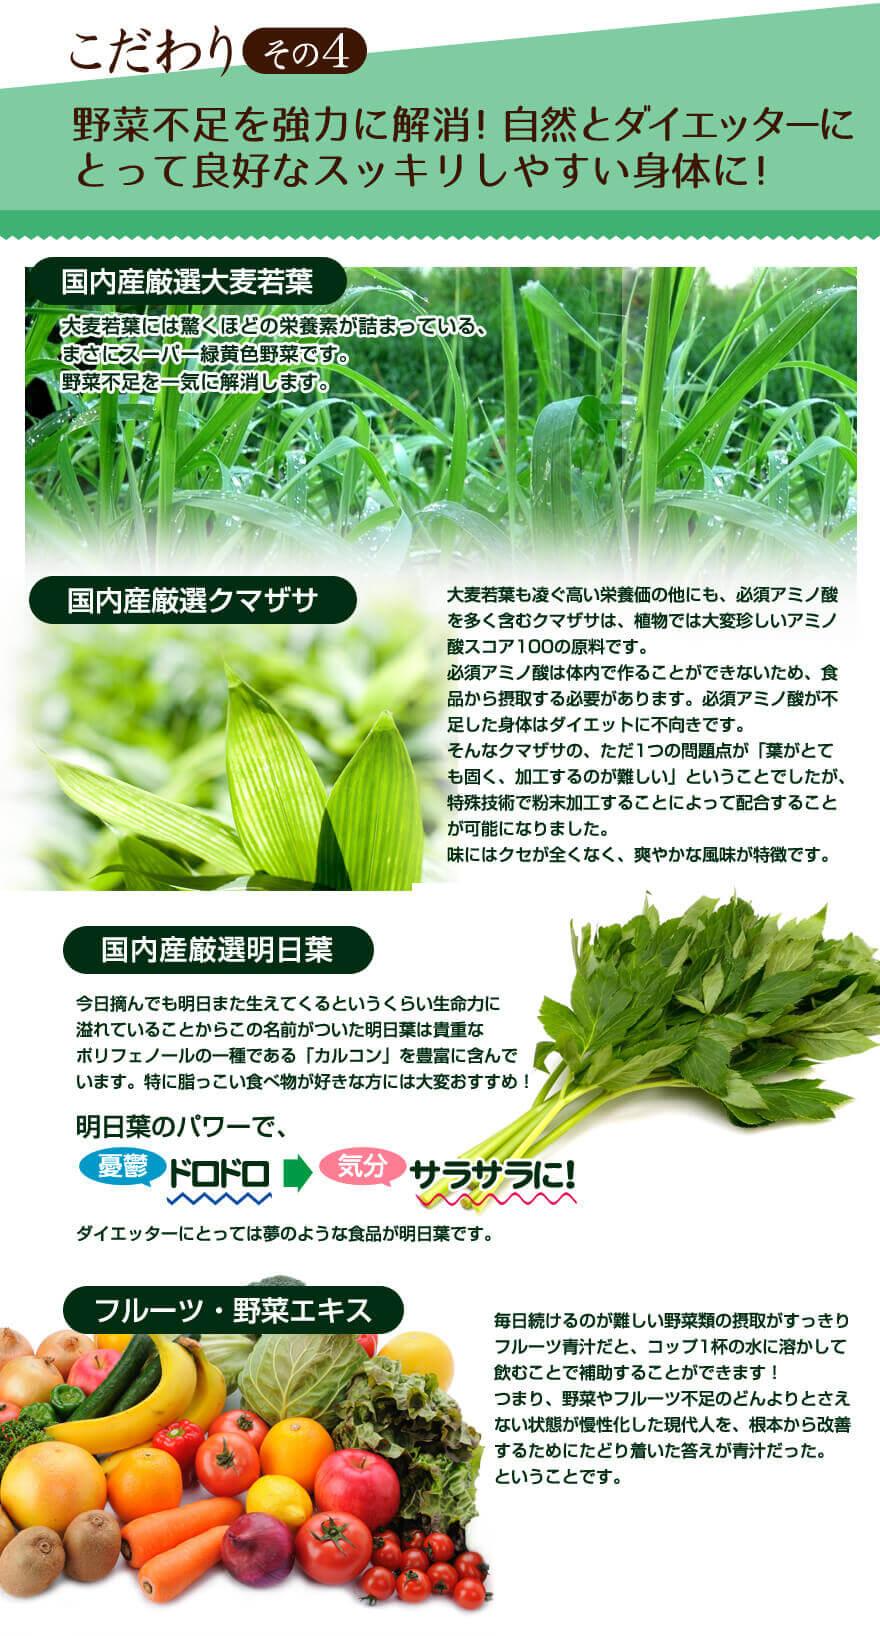 こだわりその4 野菜不足を強力に解消!自然と痩せやすい体質を目指せる!